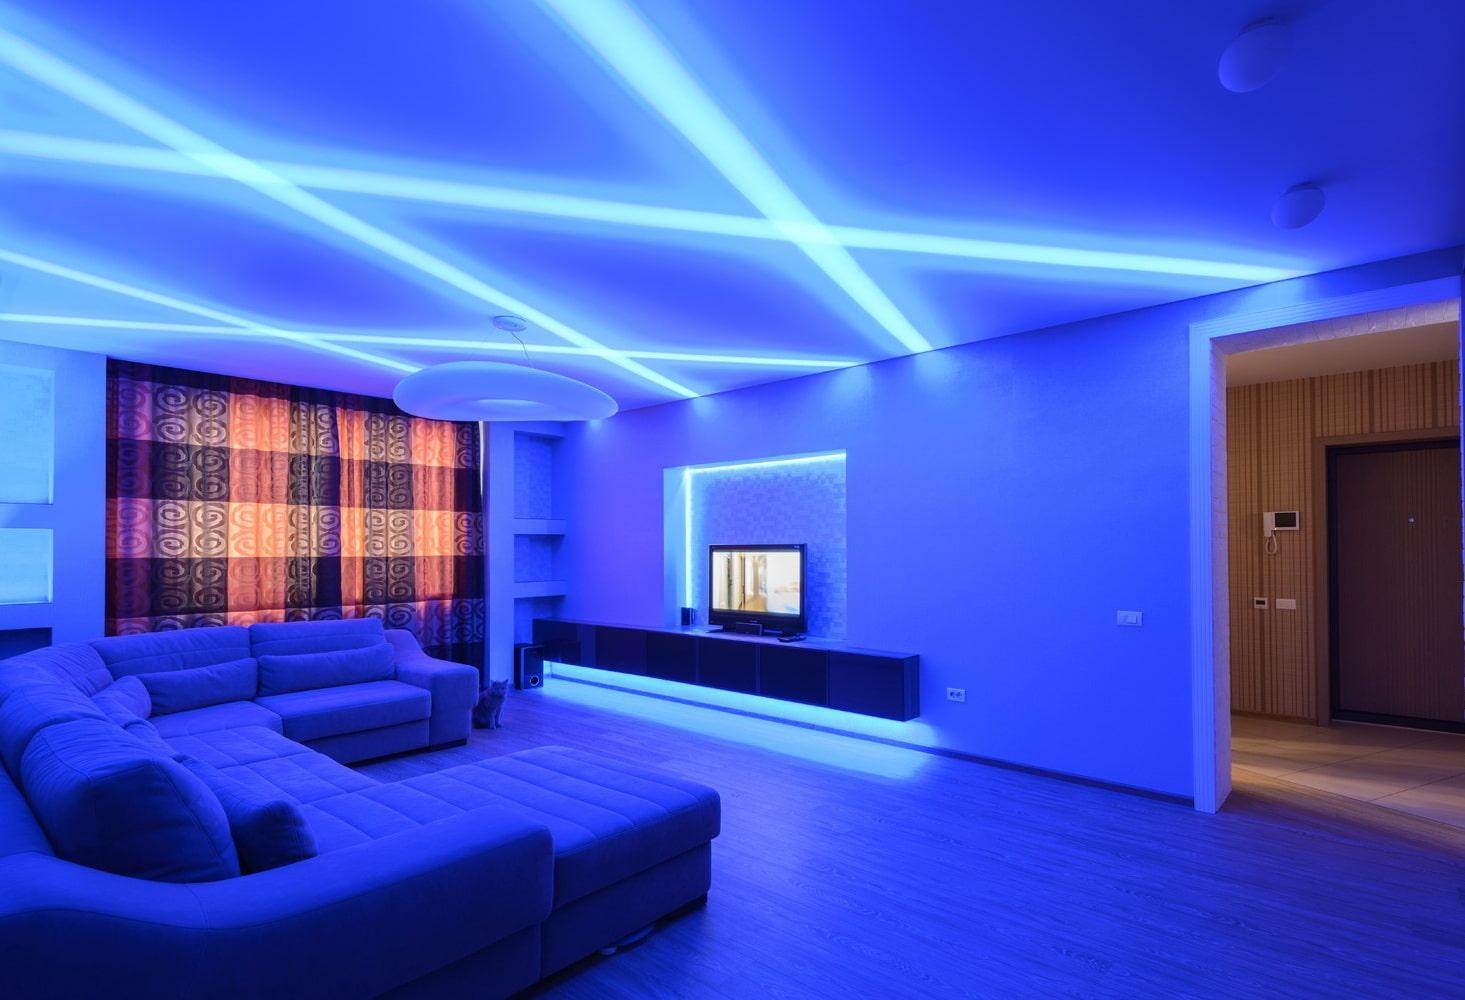 Обширный выбор высококачественной продукции по приемлемой цене в интернет-магазине освещения splendid-ray.ua